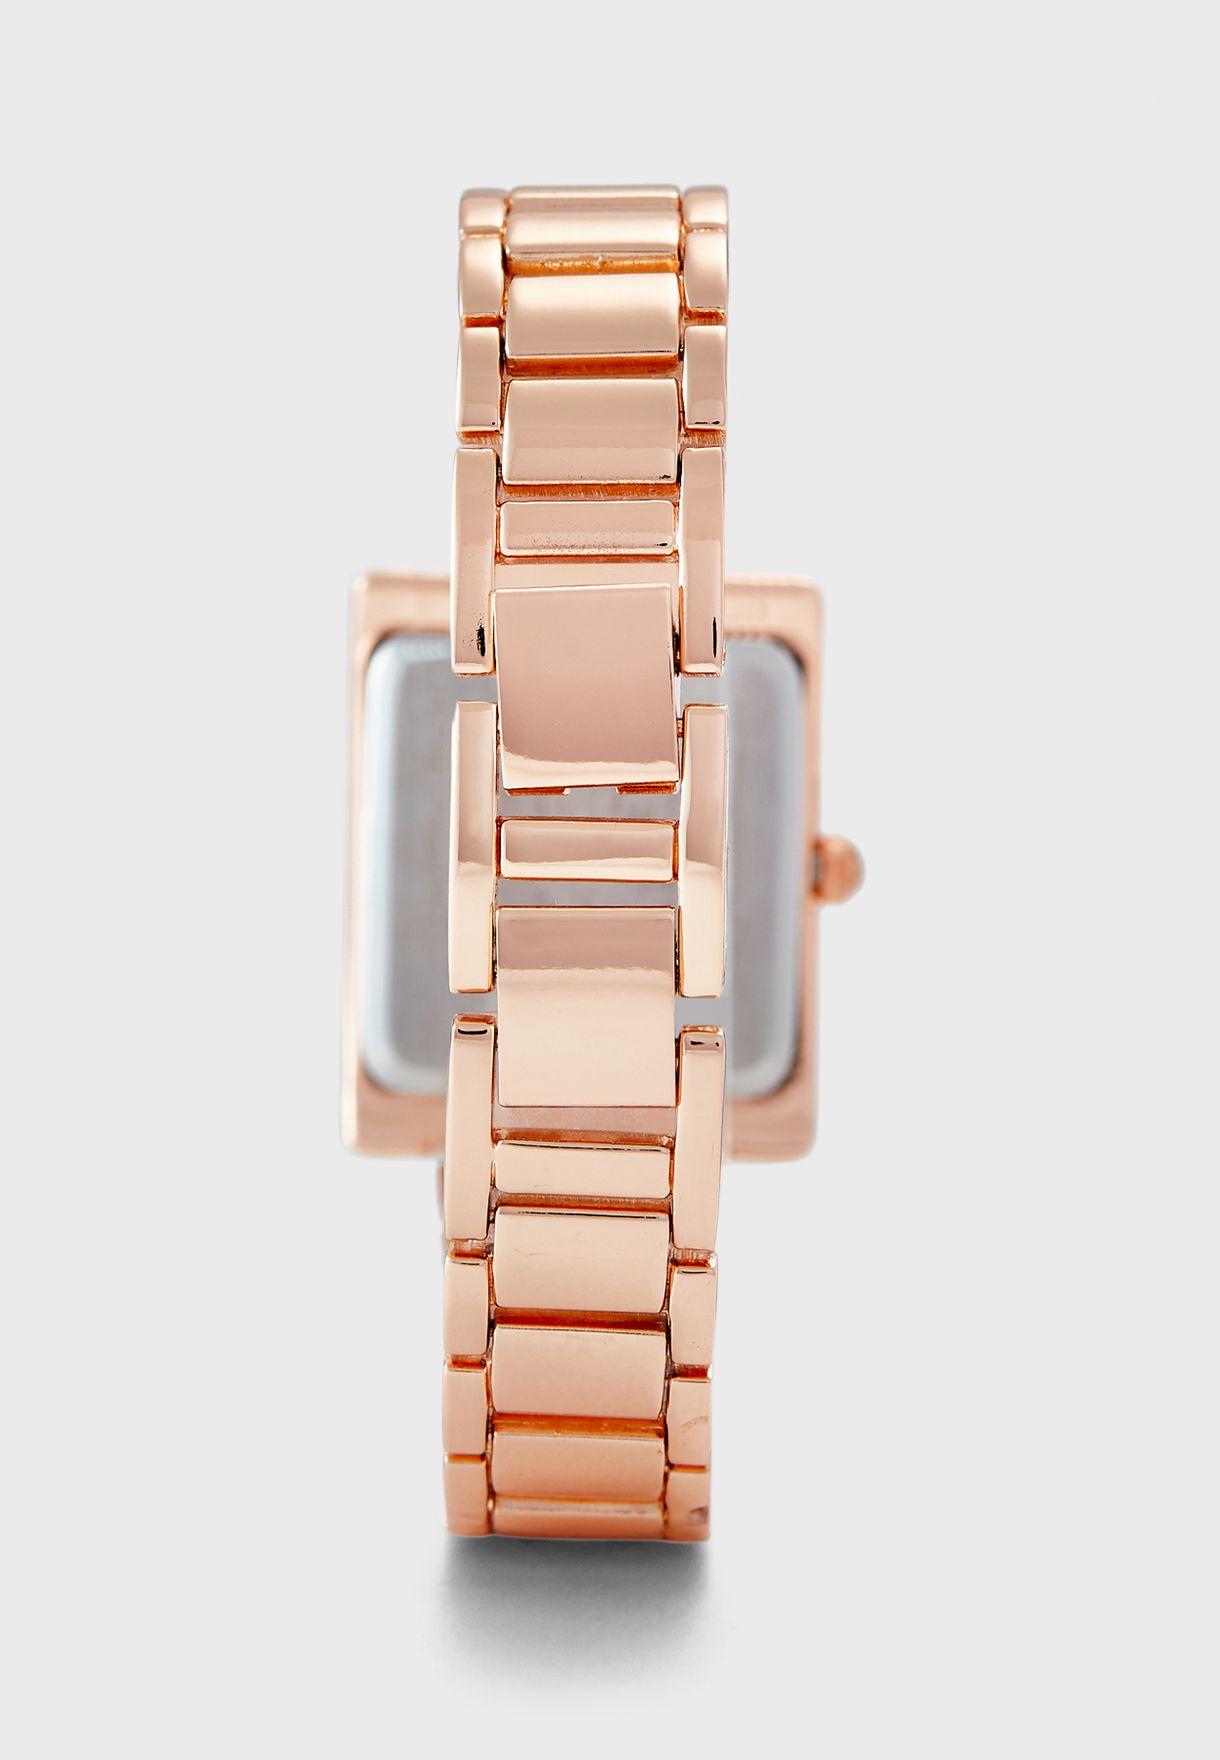 ساعة انالوج مزينة بكريستالات سواروفسكي  AK3128MPRG